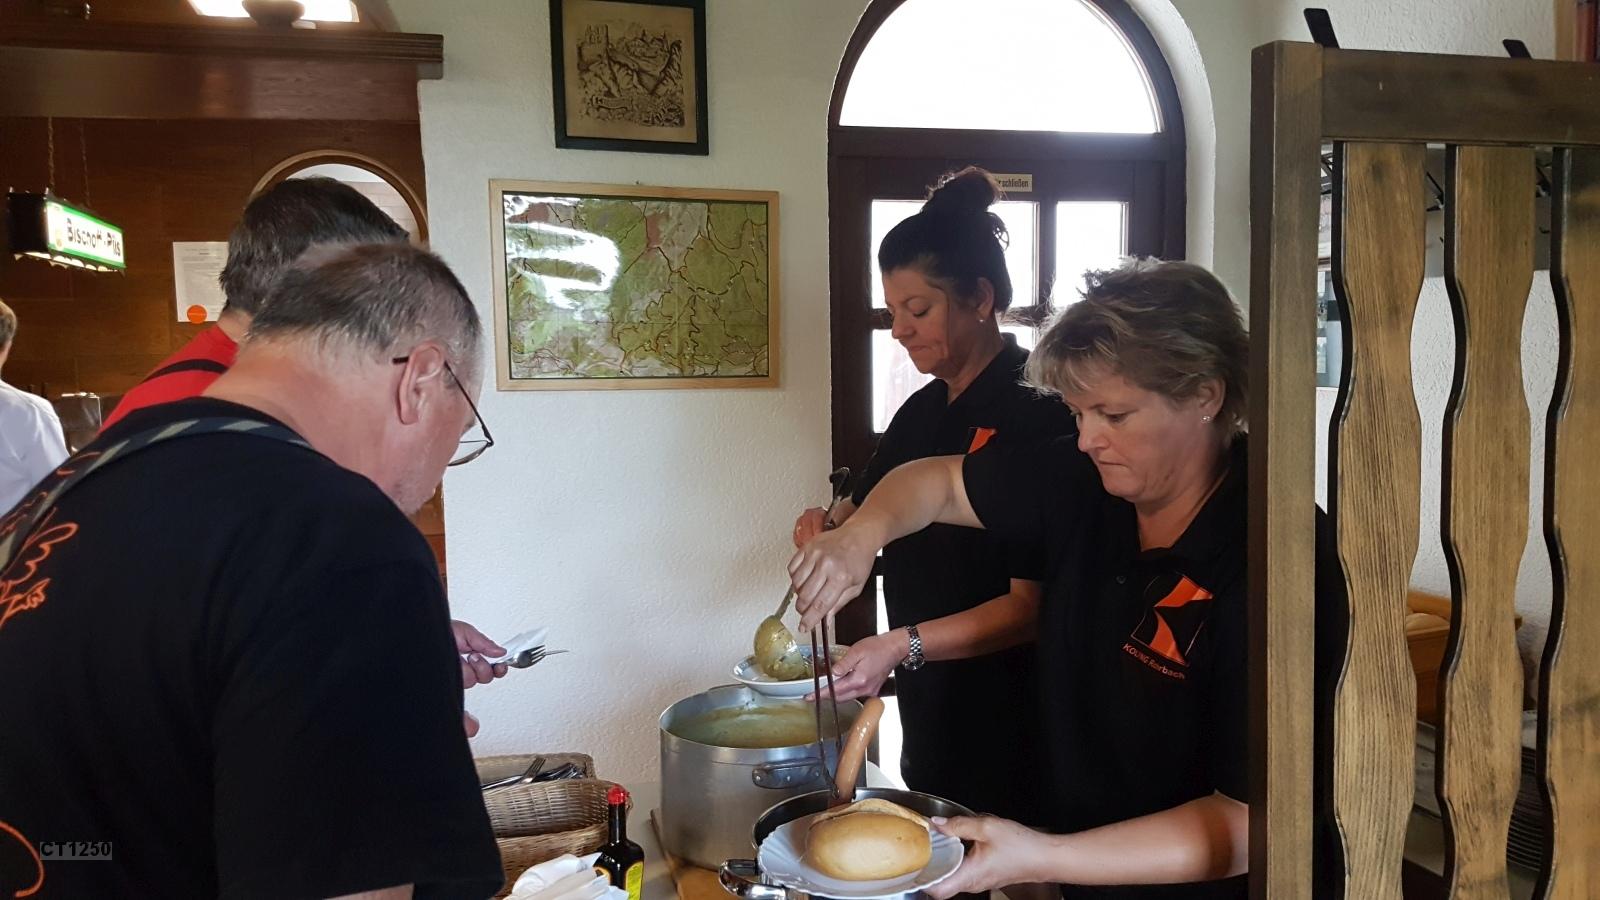 Unser Dank gilt der   Kolpingsfamilie Rohrbach für die gute Mittagsversorgung